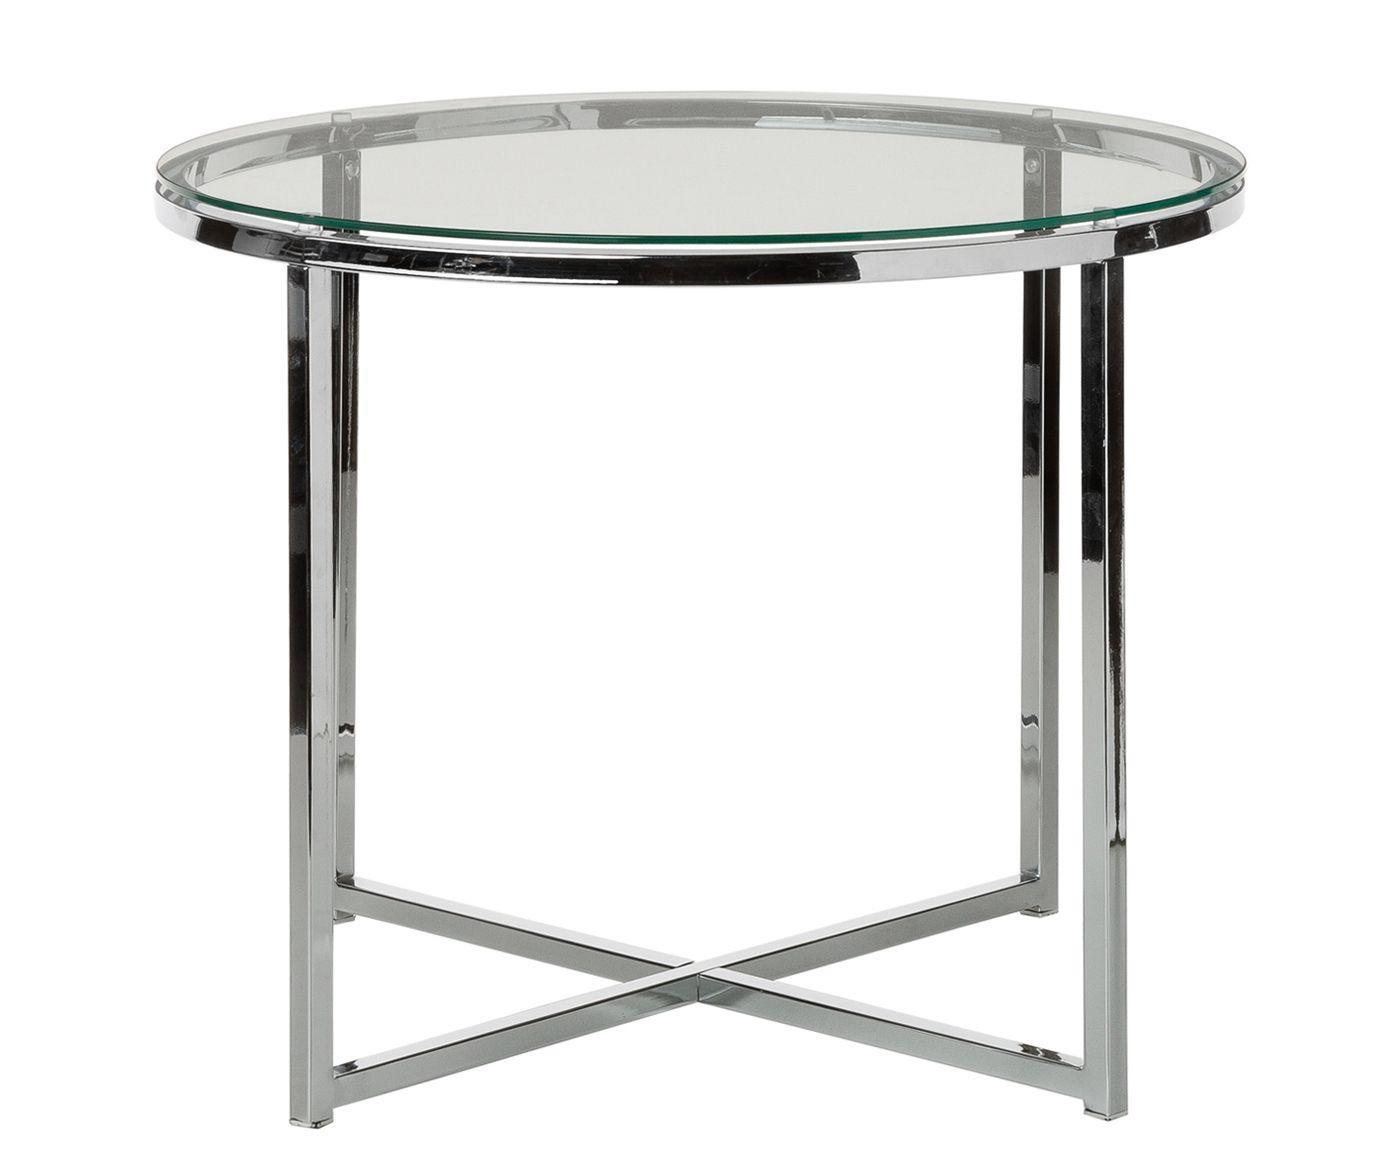 Amüsant Beistelltisch Metall Glas Das Beste Von Luftig-leicht: Matheo Von Actona Aus Und Metall.